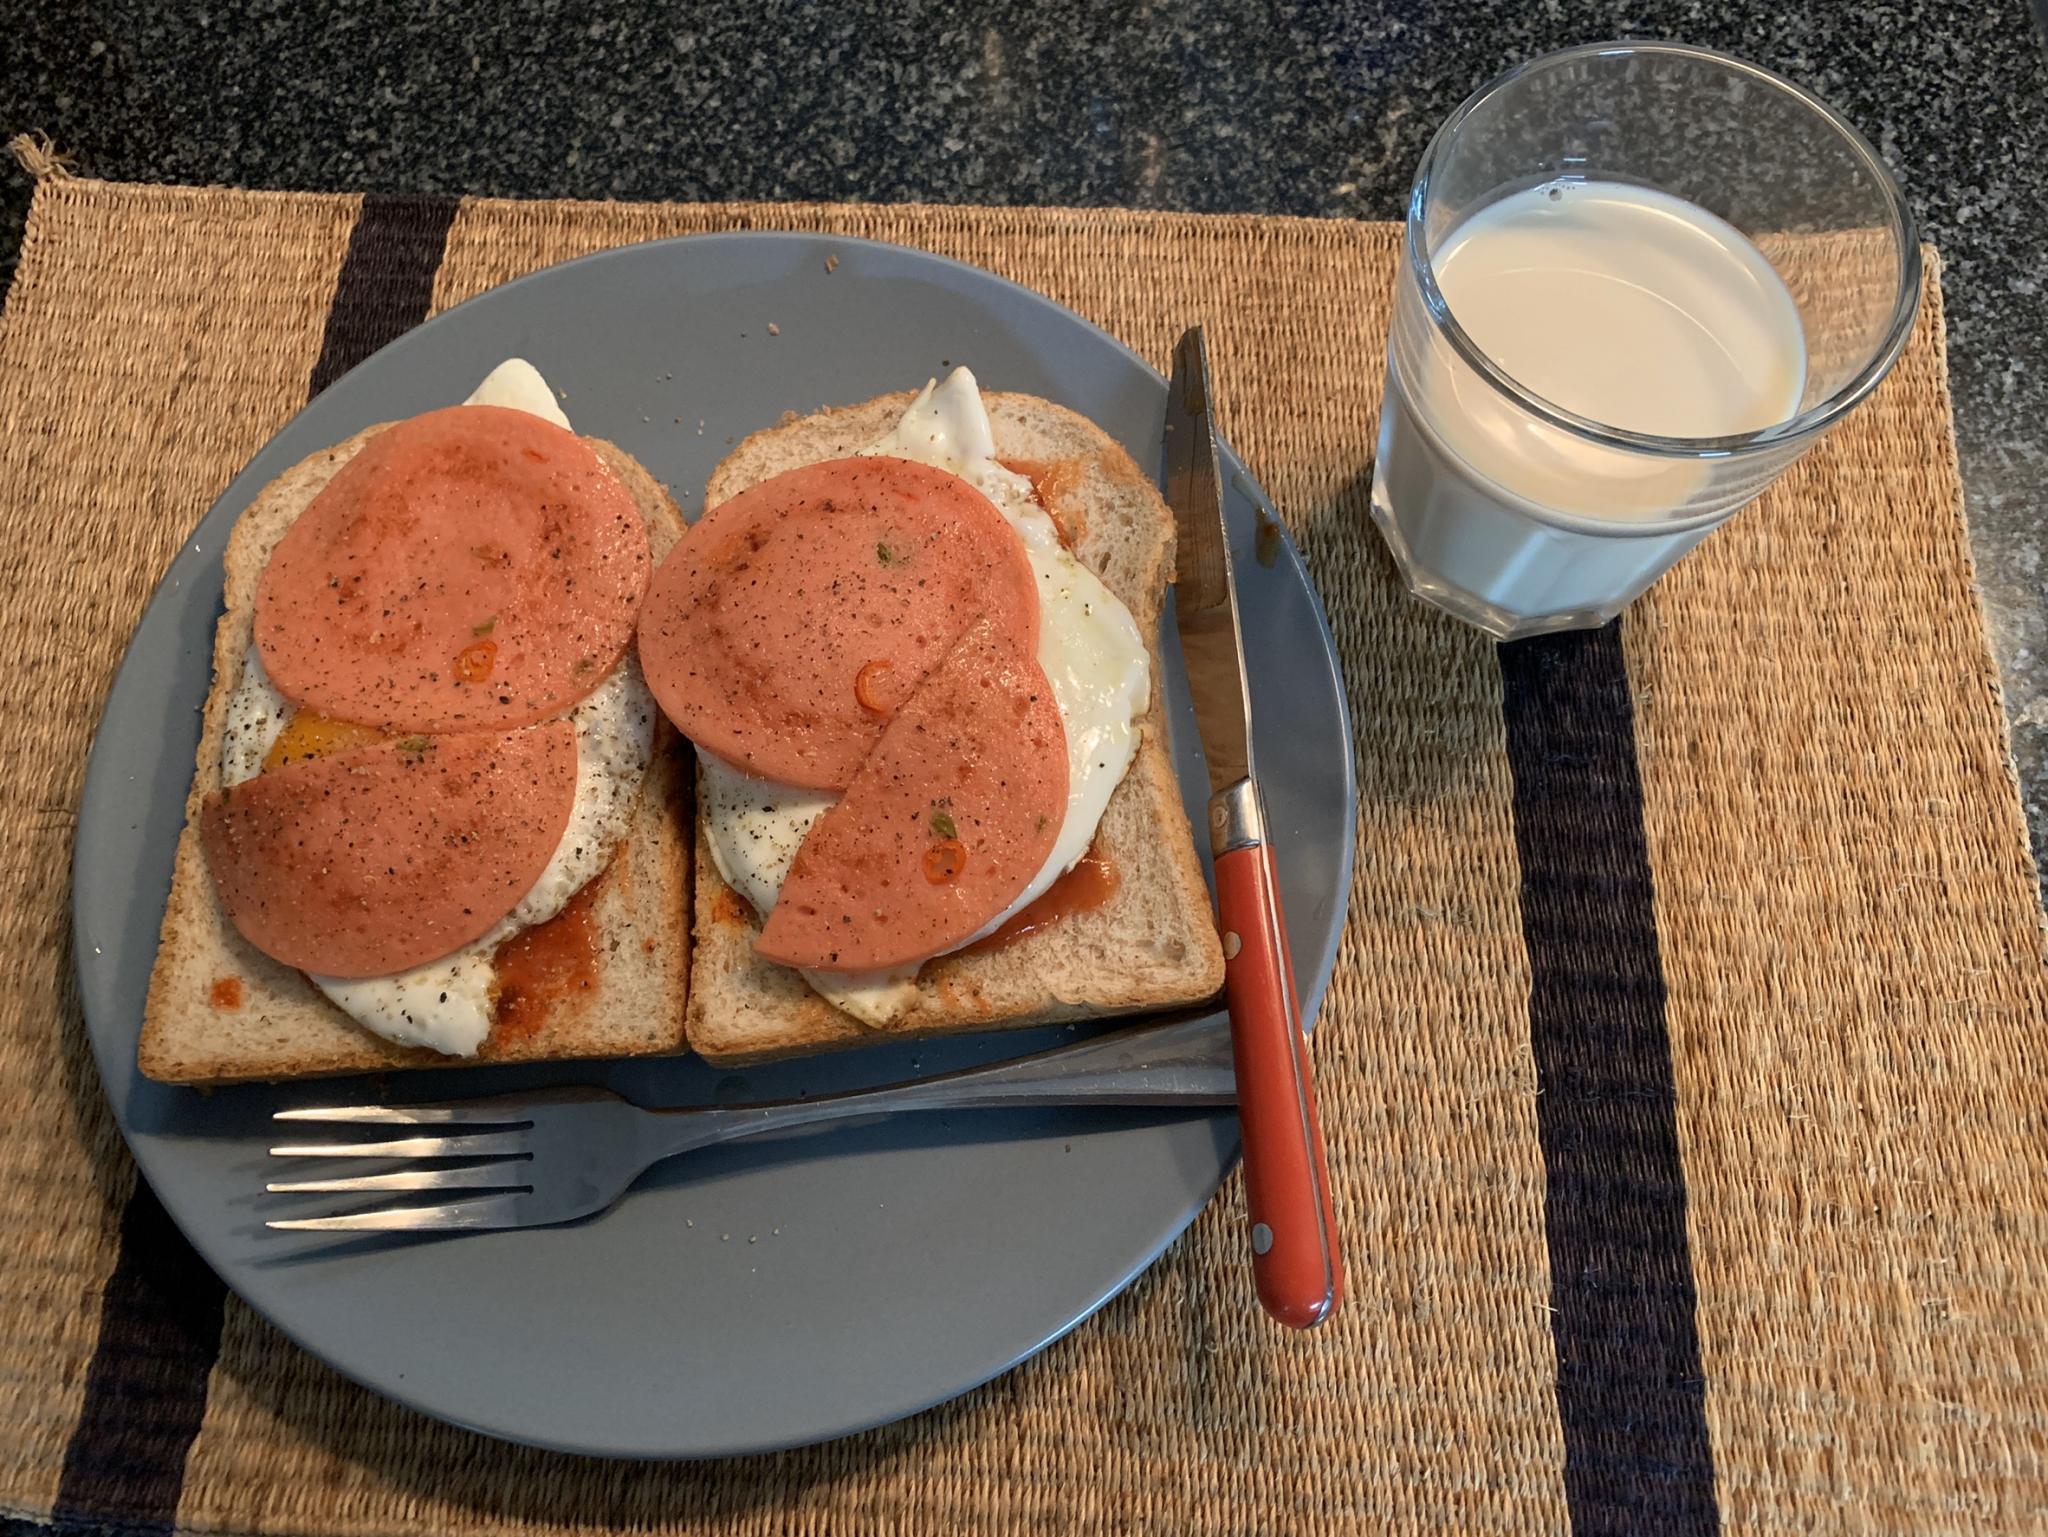 Breakfast-s__15163394-jpg